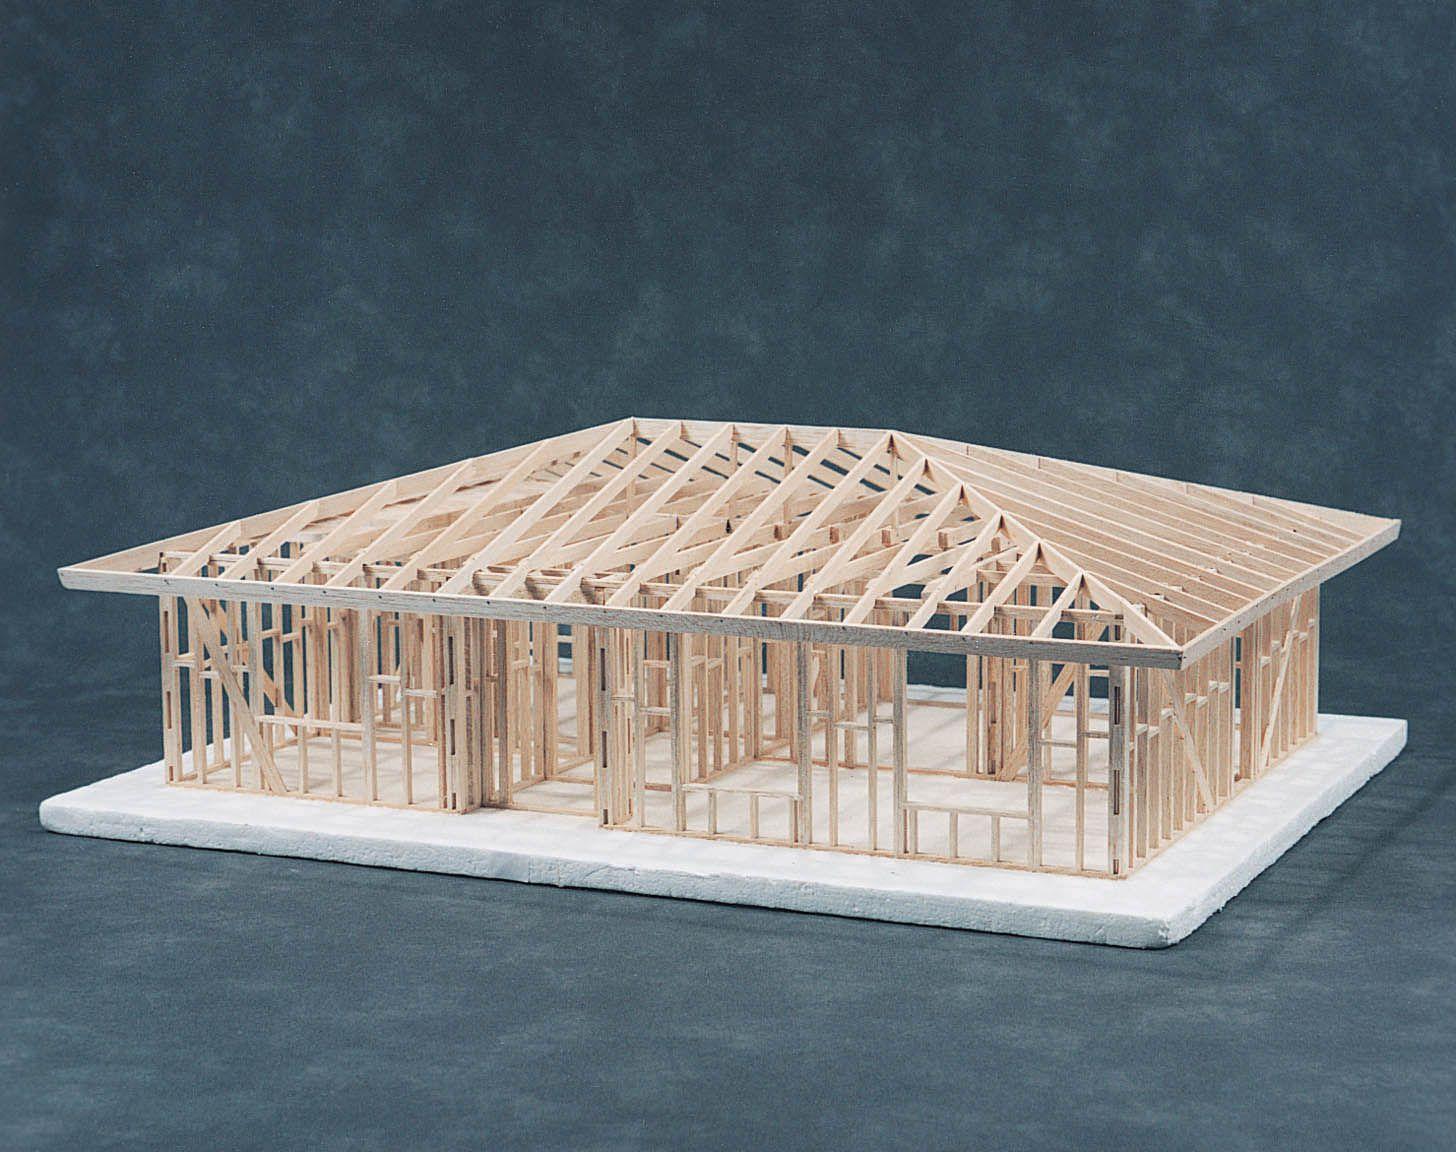 Hip Roof House Framing Kit Cat 83541001C 169.00